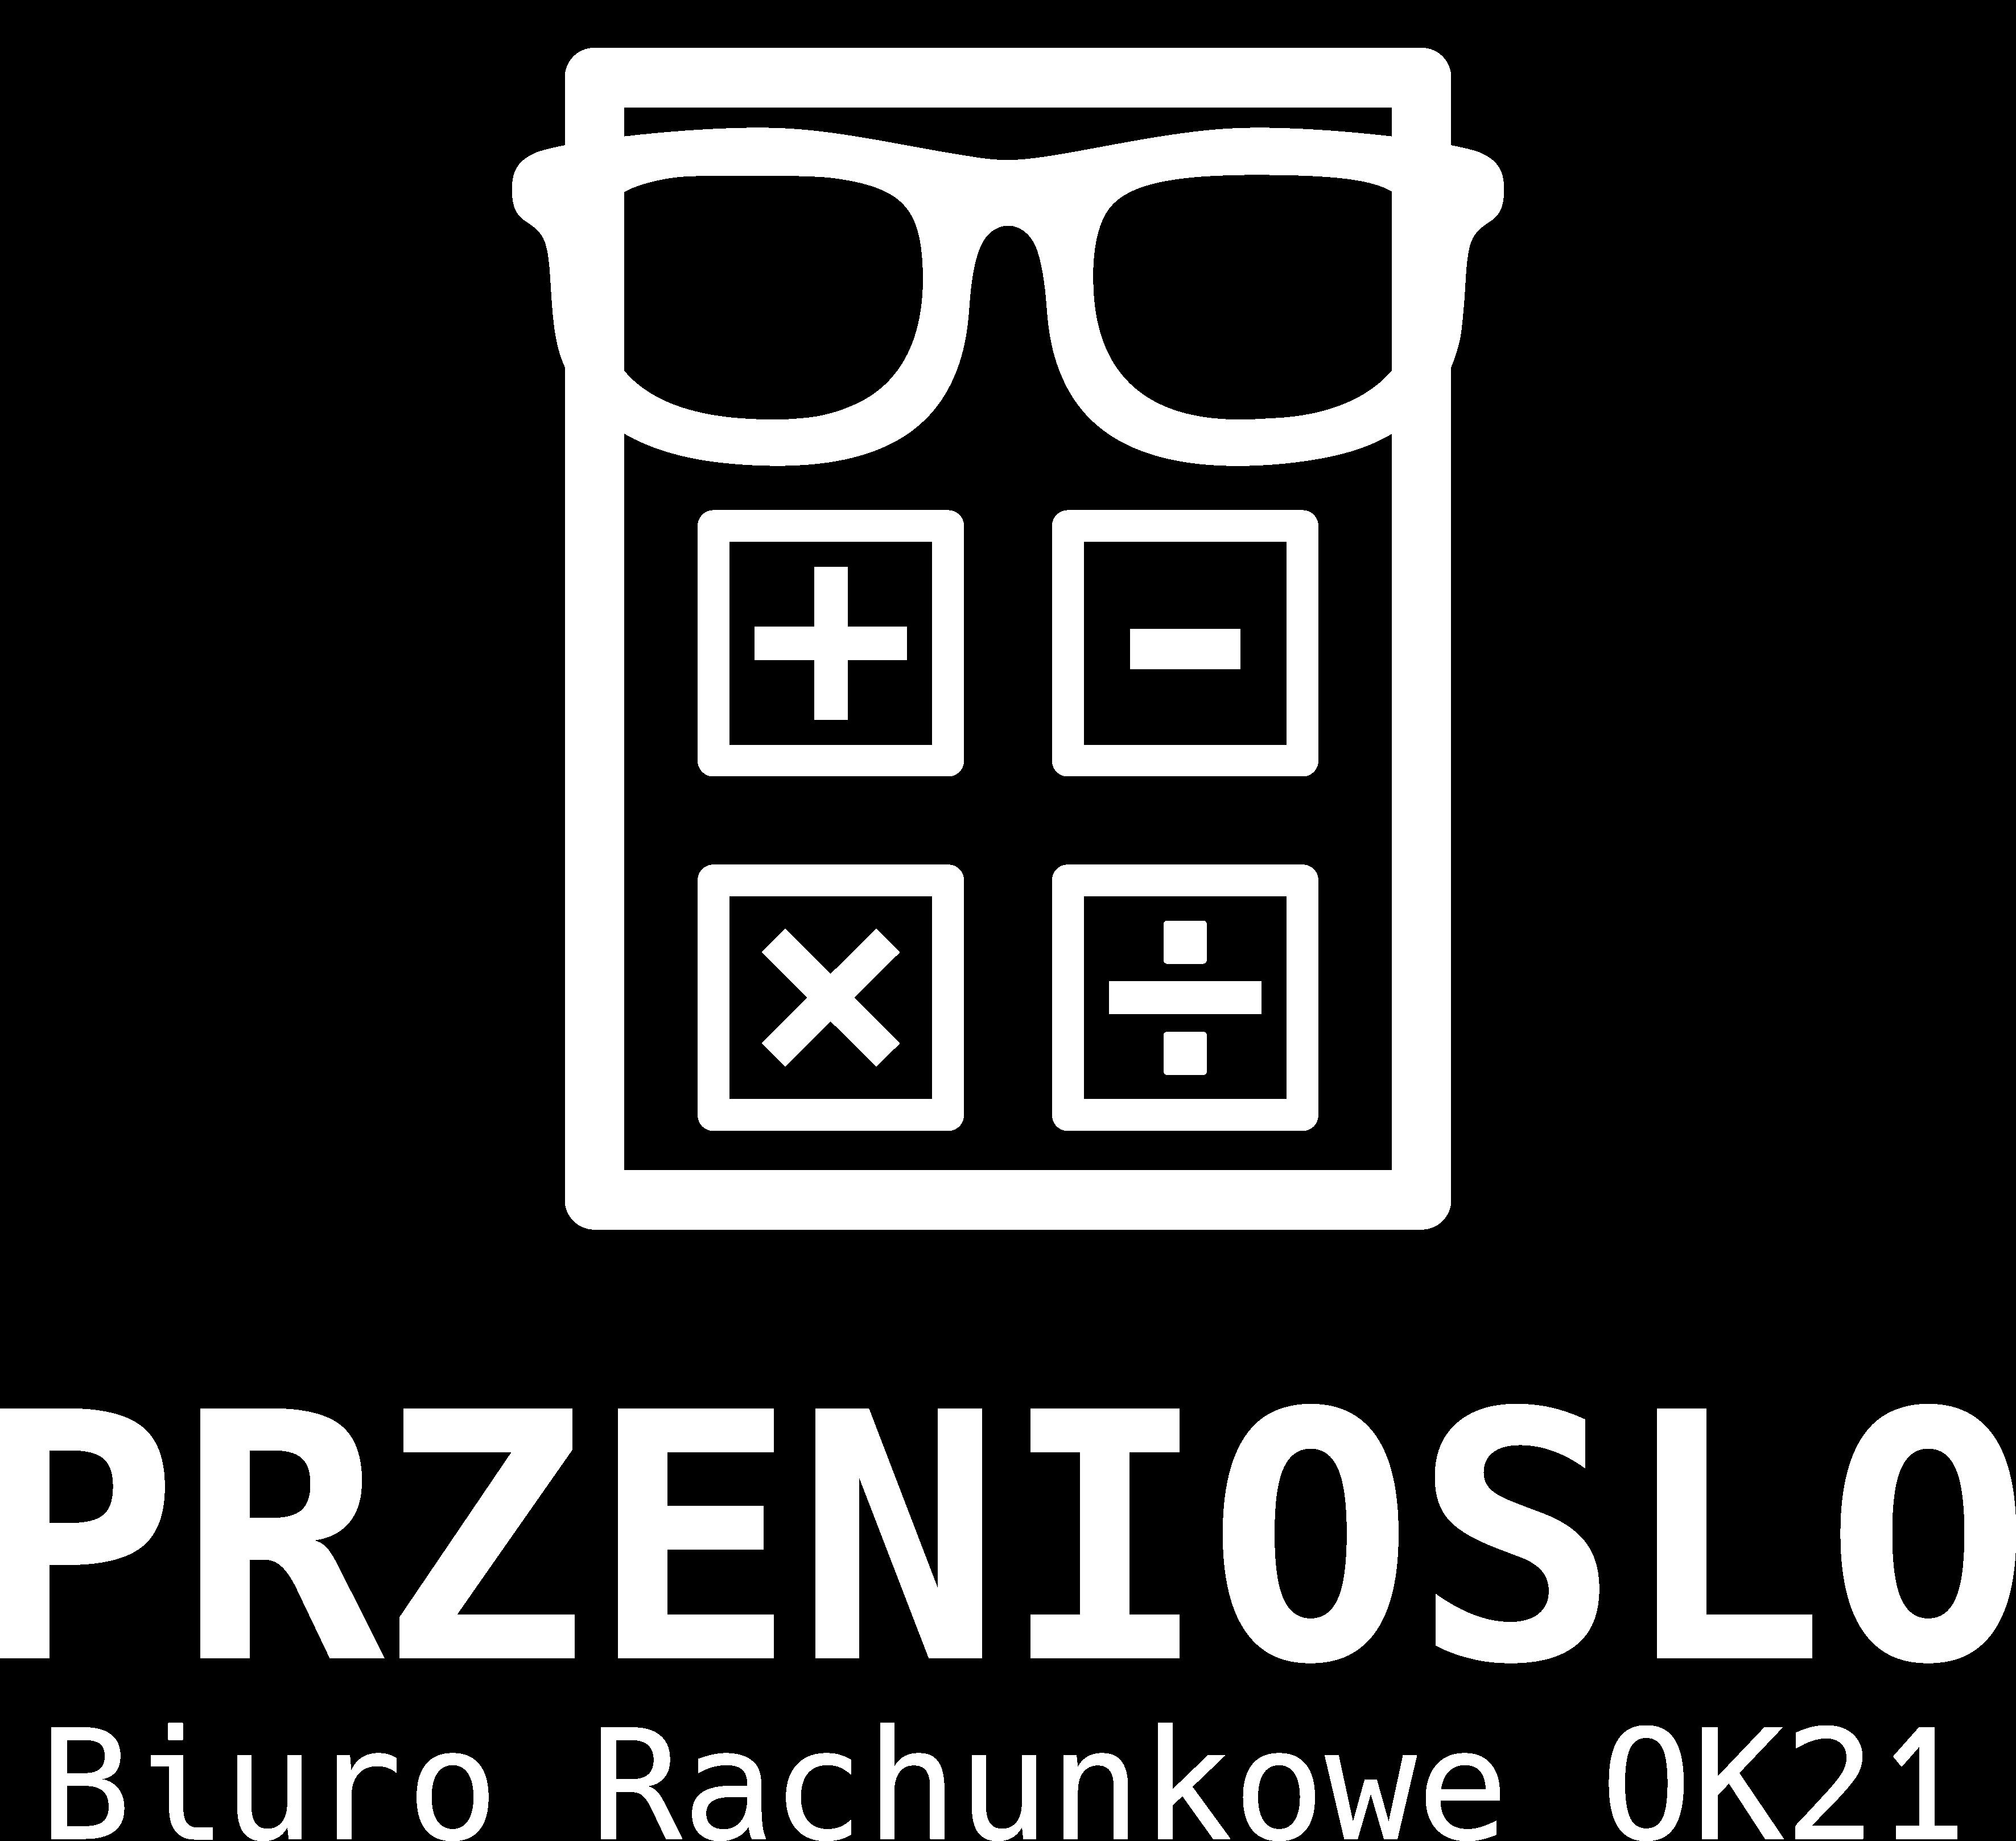 OK21 logo